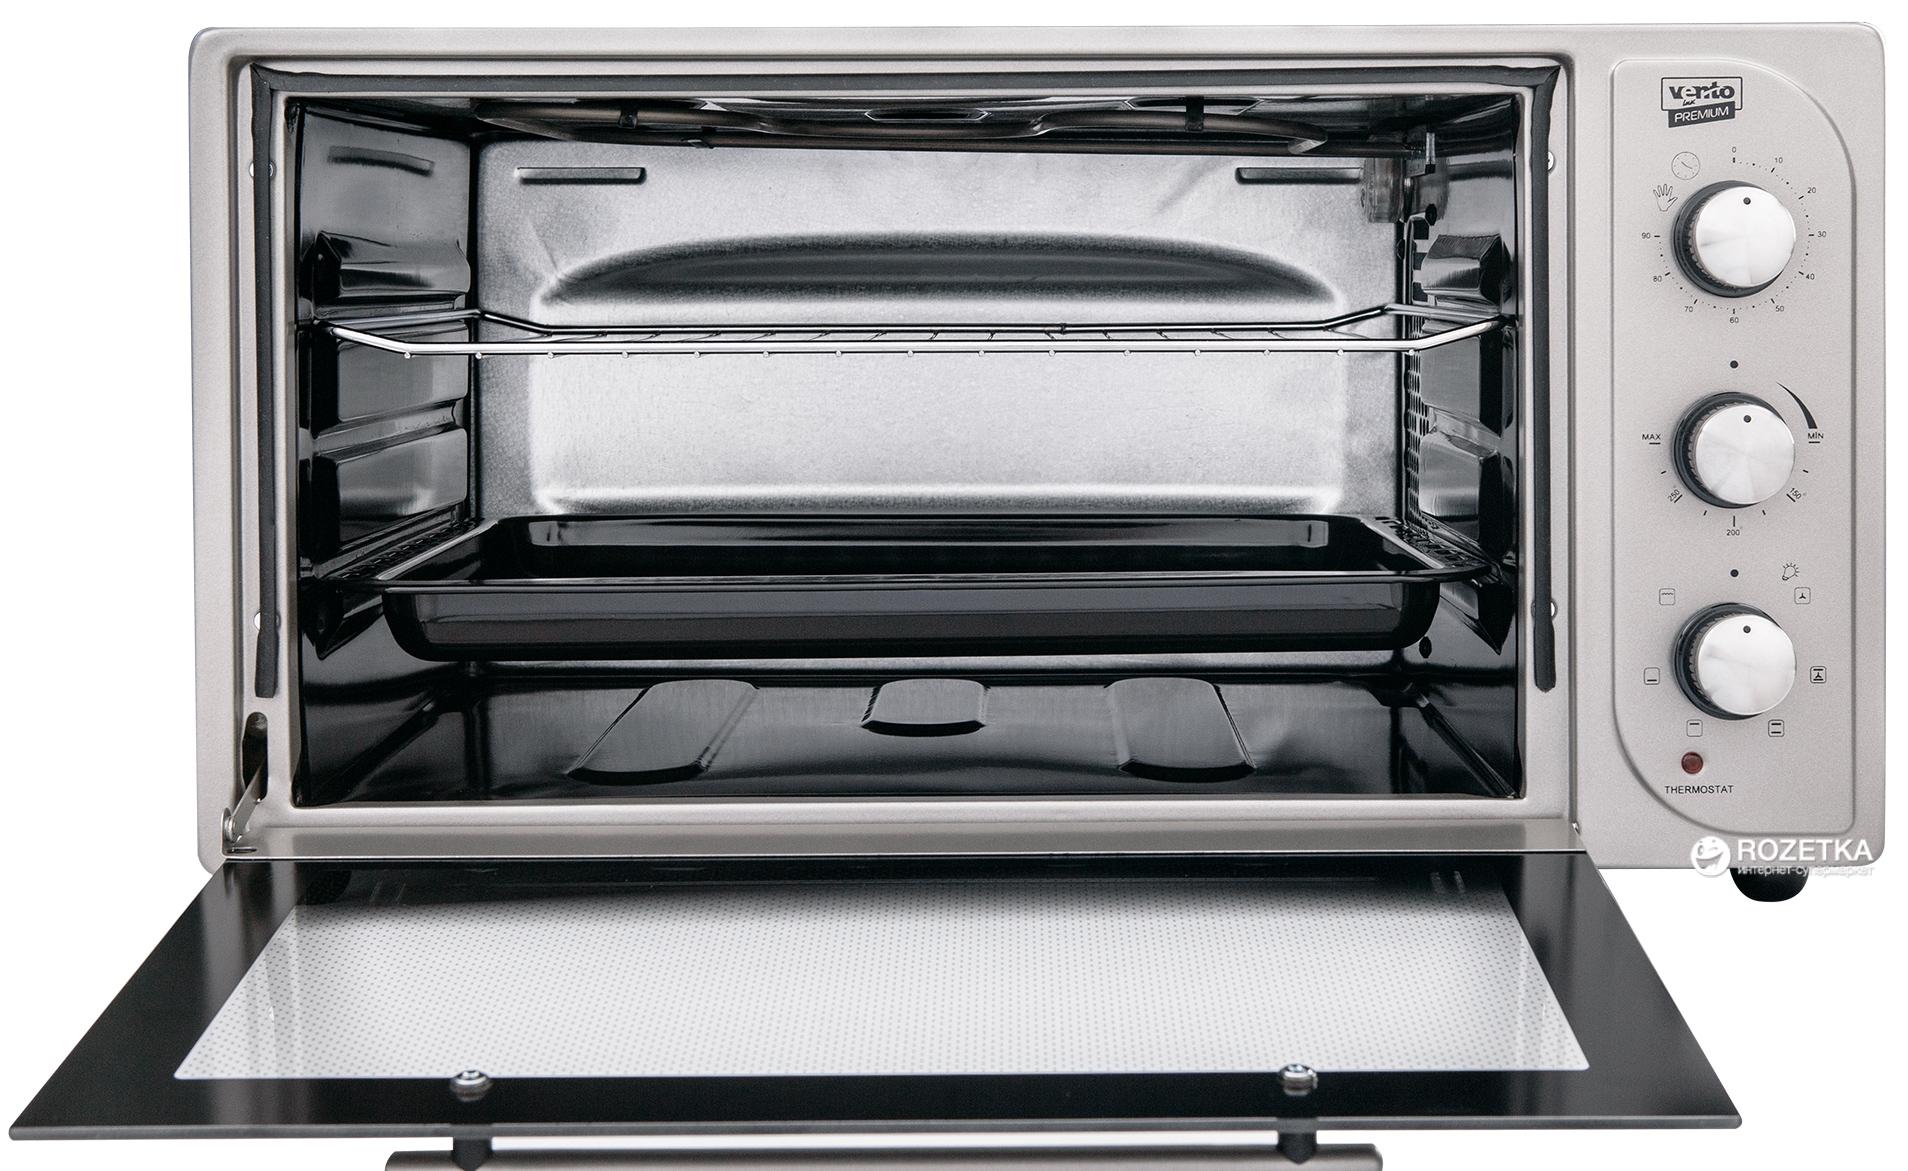 Рейтинг лучших моделей электрических мини-печей обзор настольных печей с конвекцией 2020 Какая духовка с грилем самая лучшая Обзор производителей